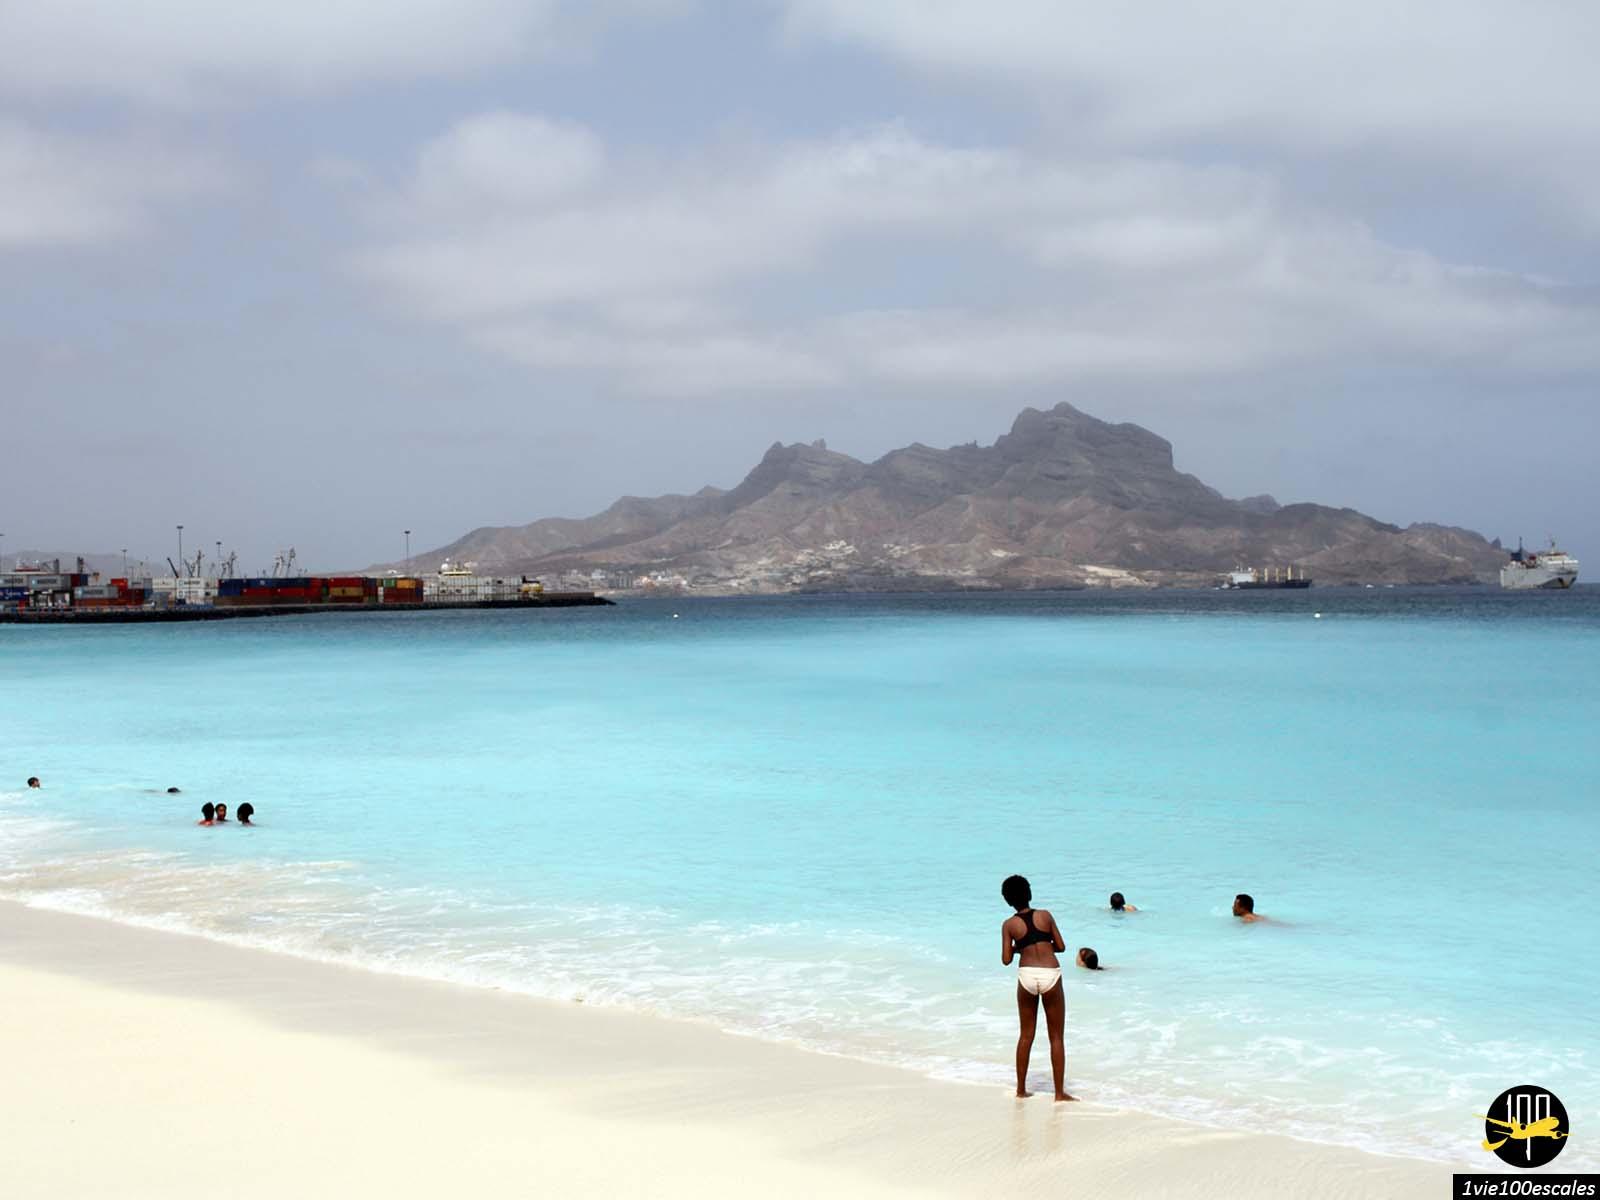 La plage artificielle de Mindelo sur l'île de Sao Vicente